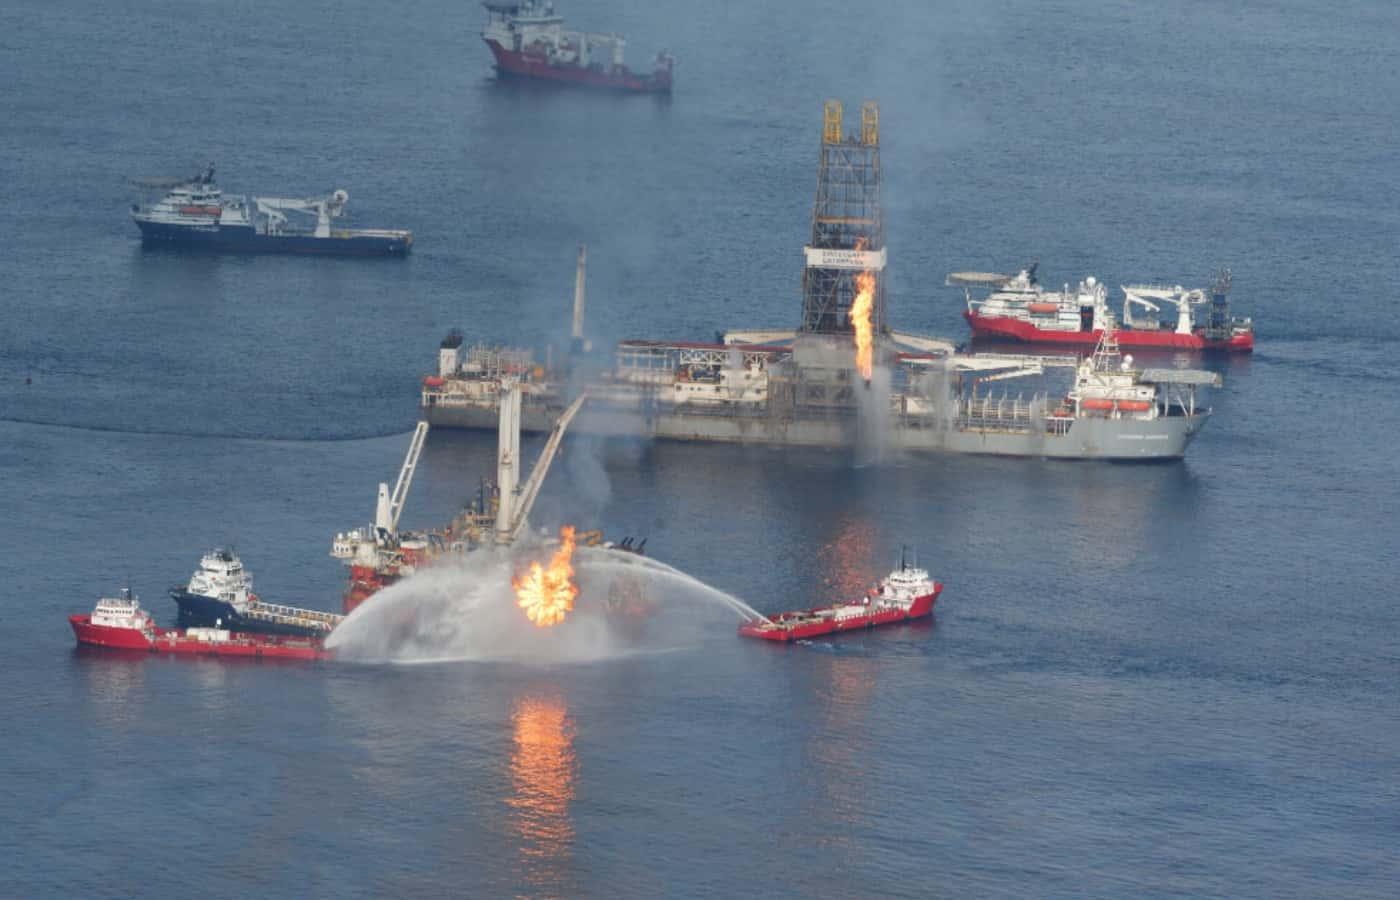 Deepwatwr Horizon Patlaması Ve Petrol Döküntüleri